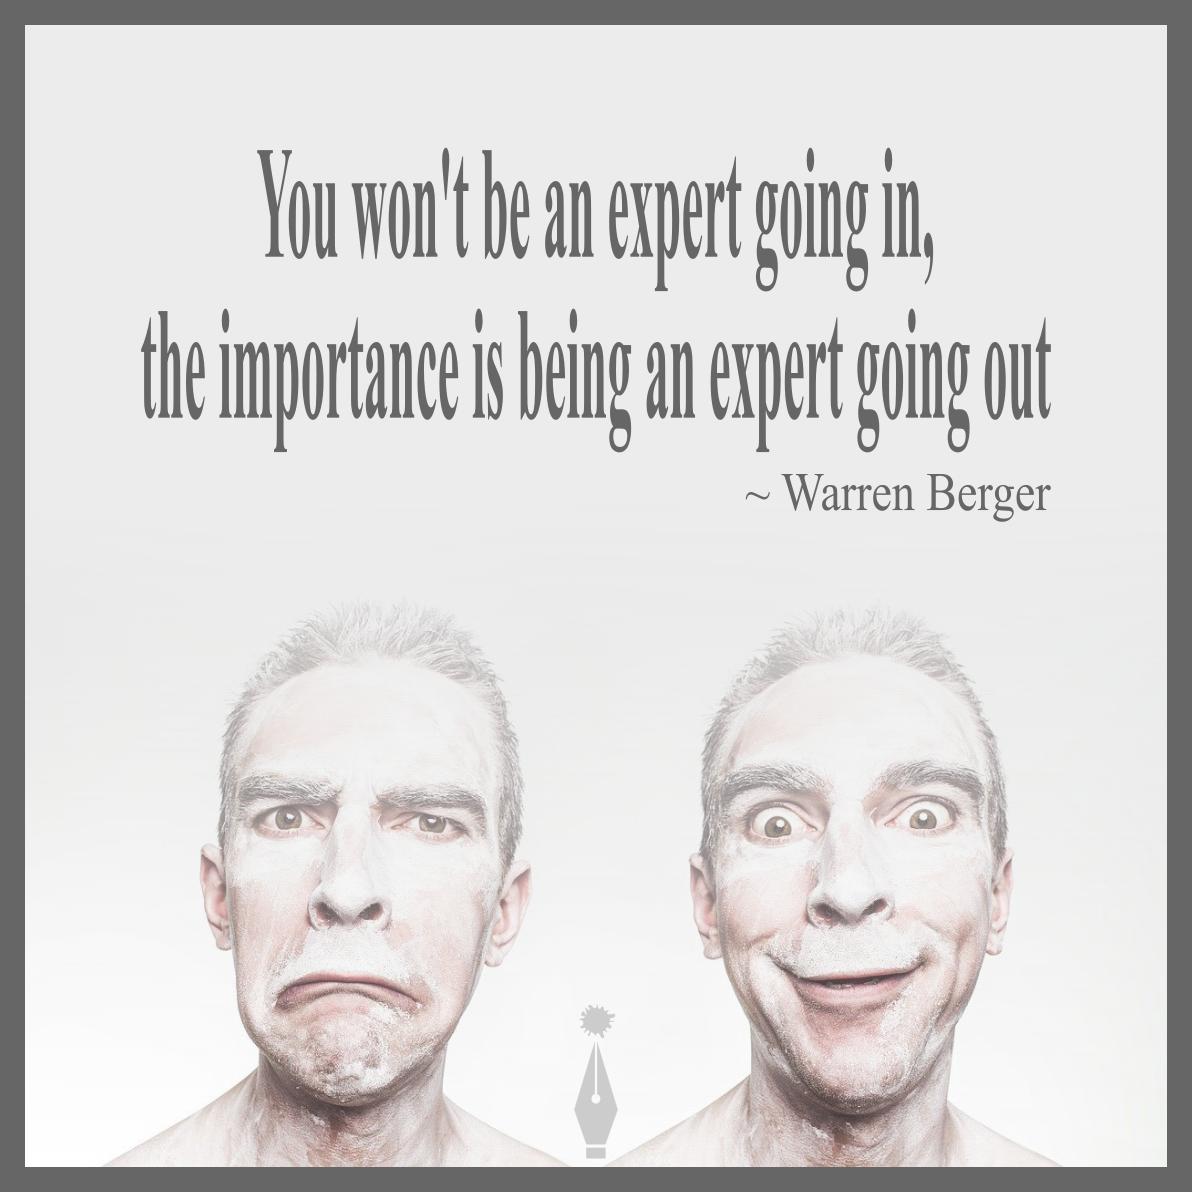 Warren Berger quote